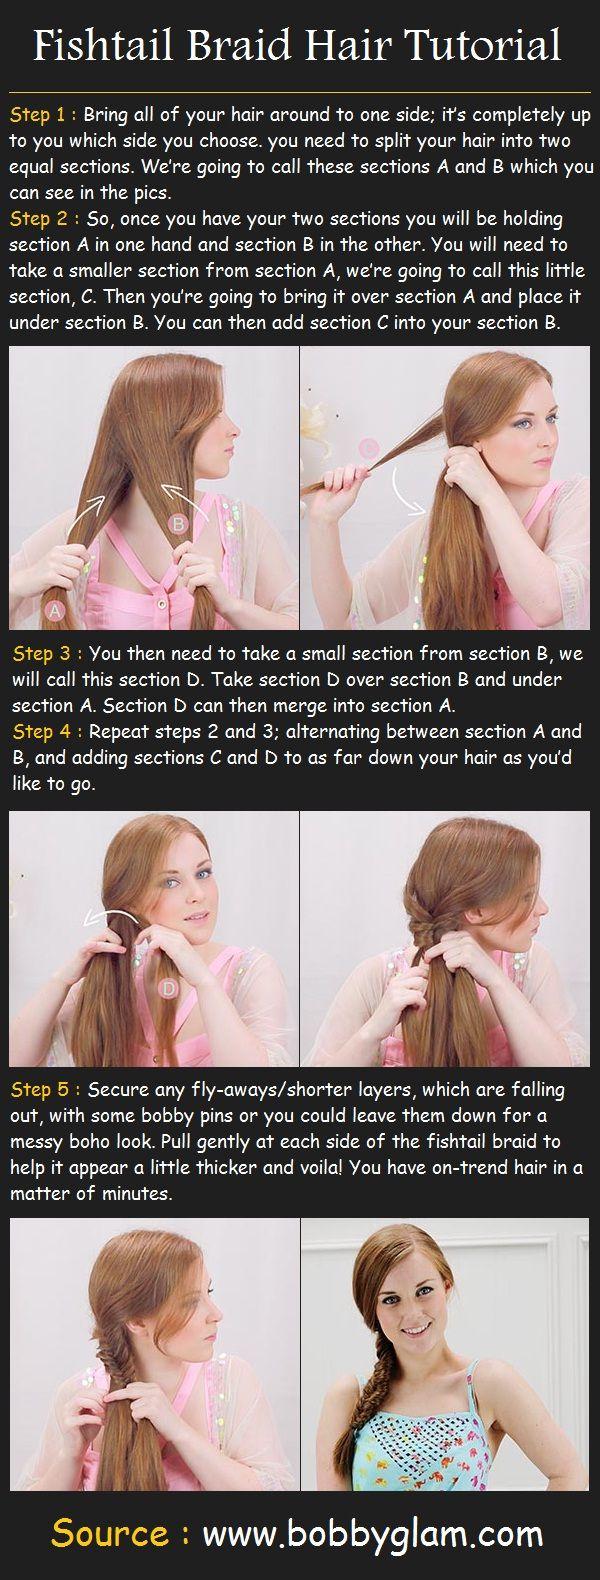 Fishtail Braid Hair Tutorial | Beauty Tutorials